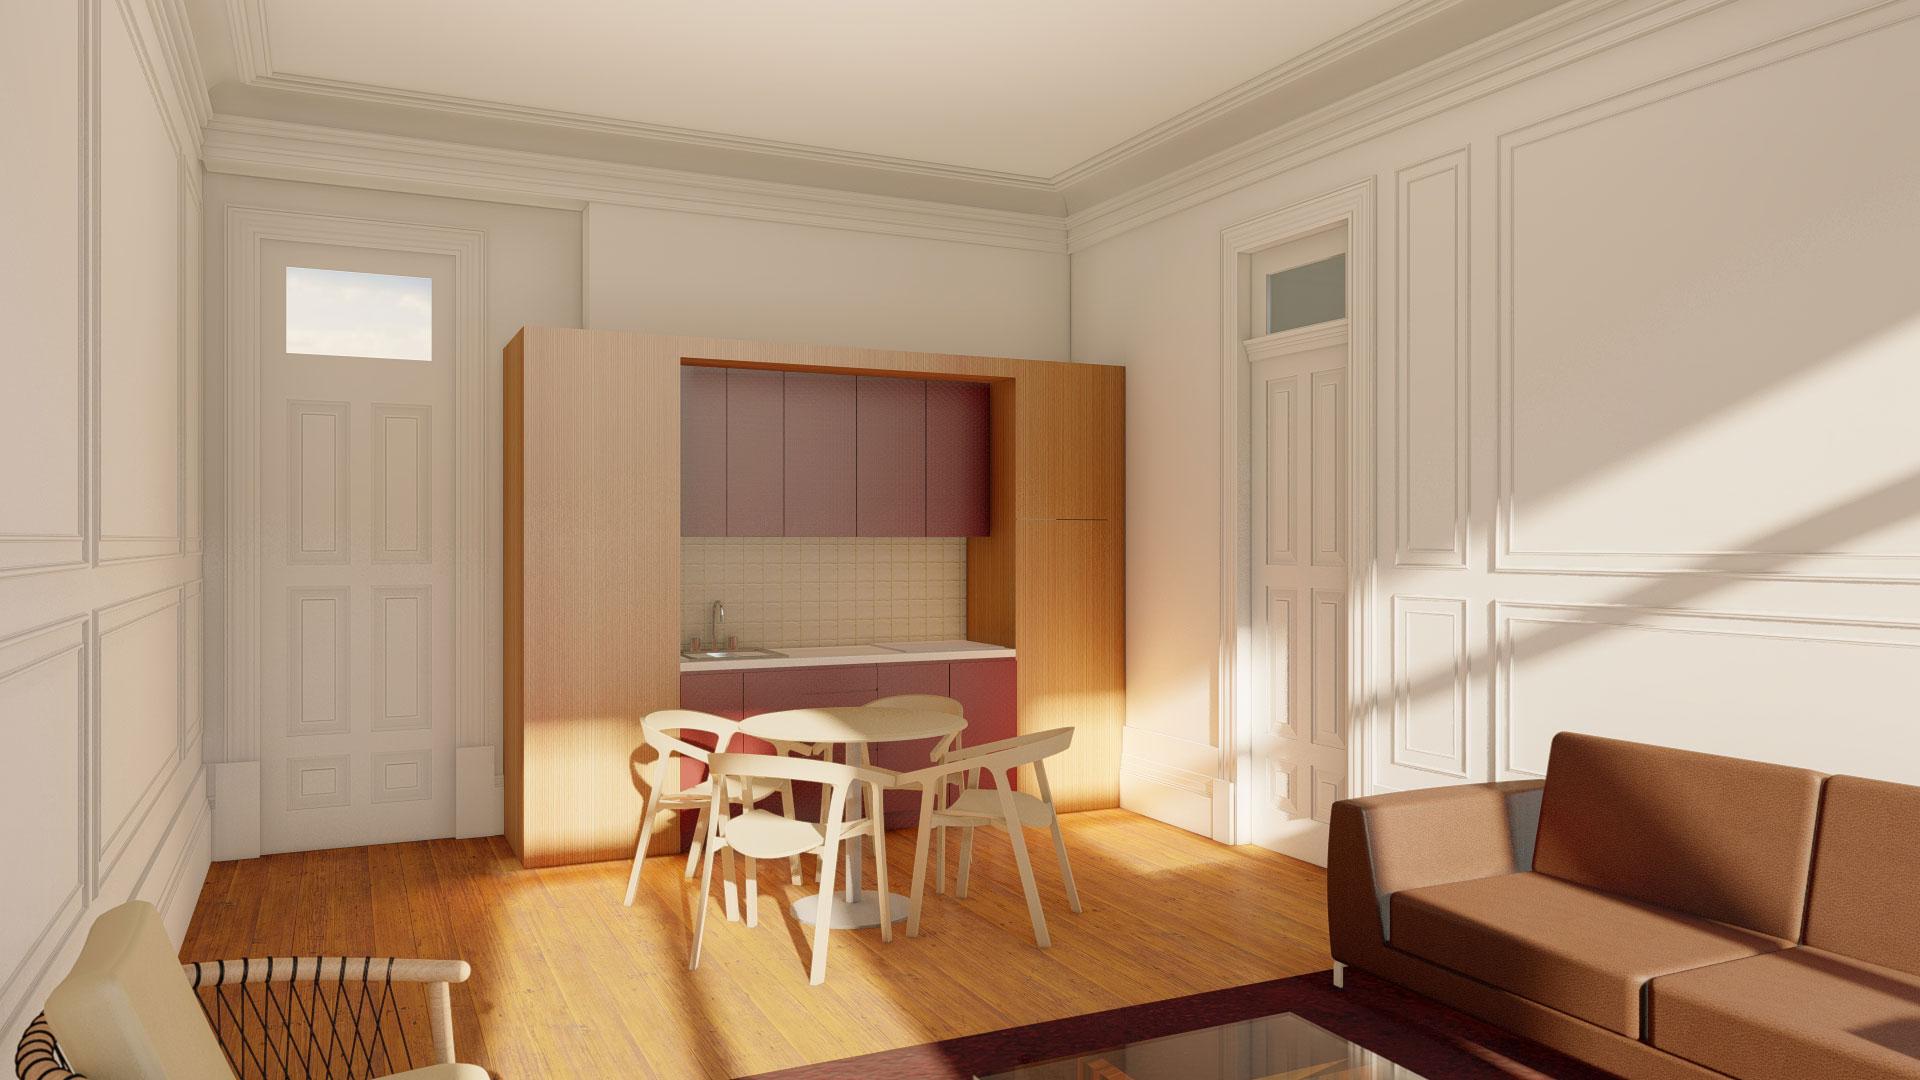 Cozinha integrada no ambiente clássico de uma sala de edifício remodelado do Porto do início do séc. XX.